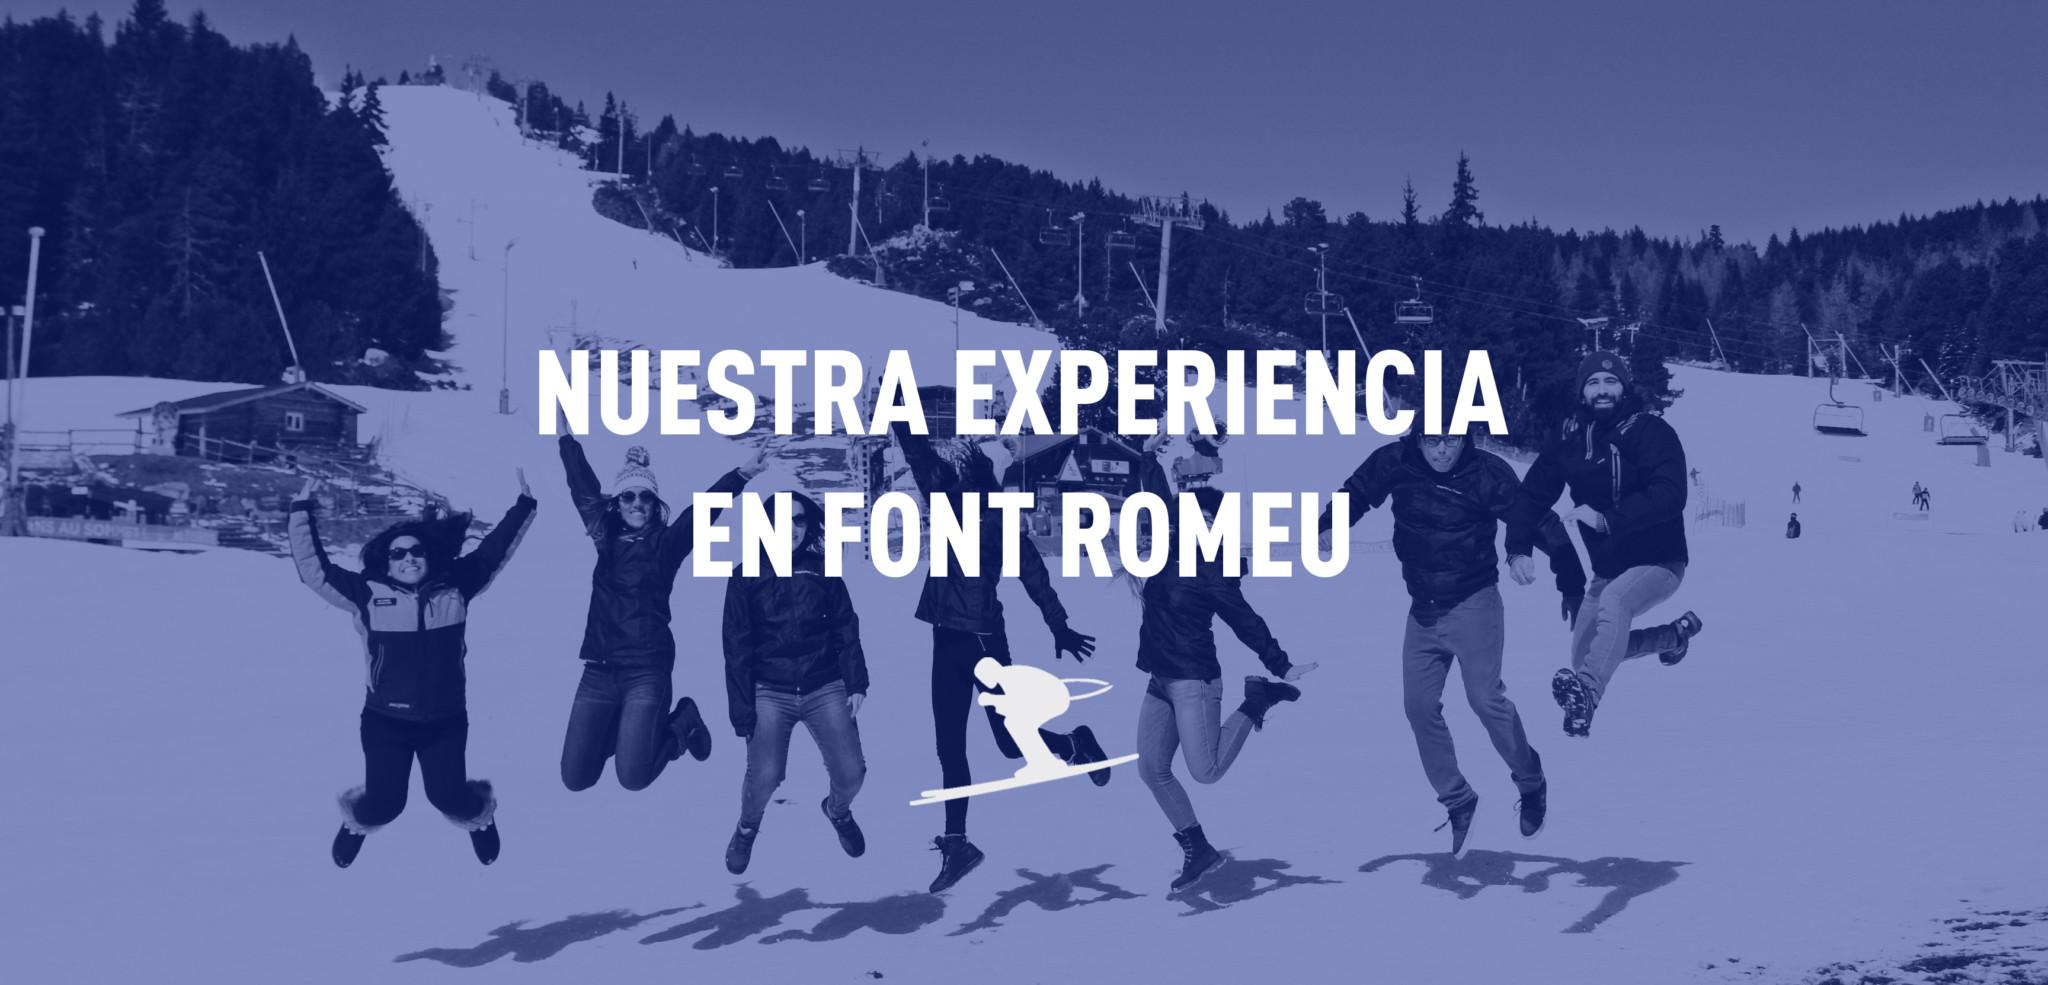 Font_Romeu